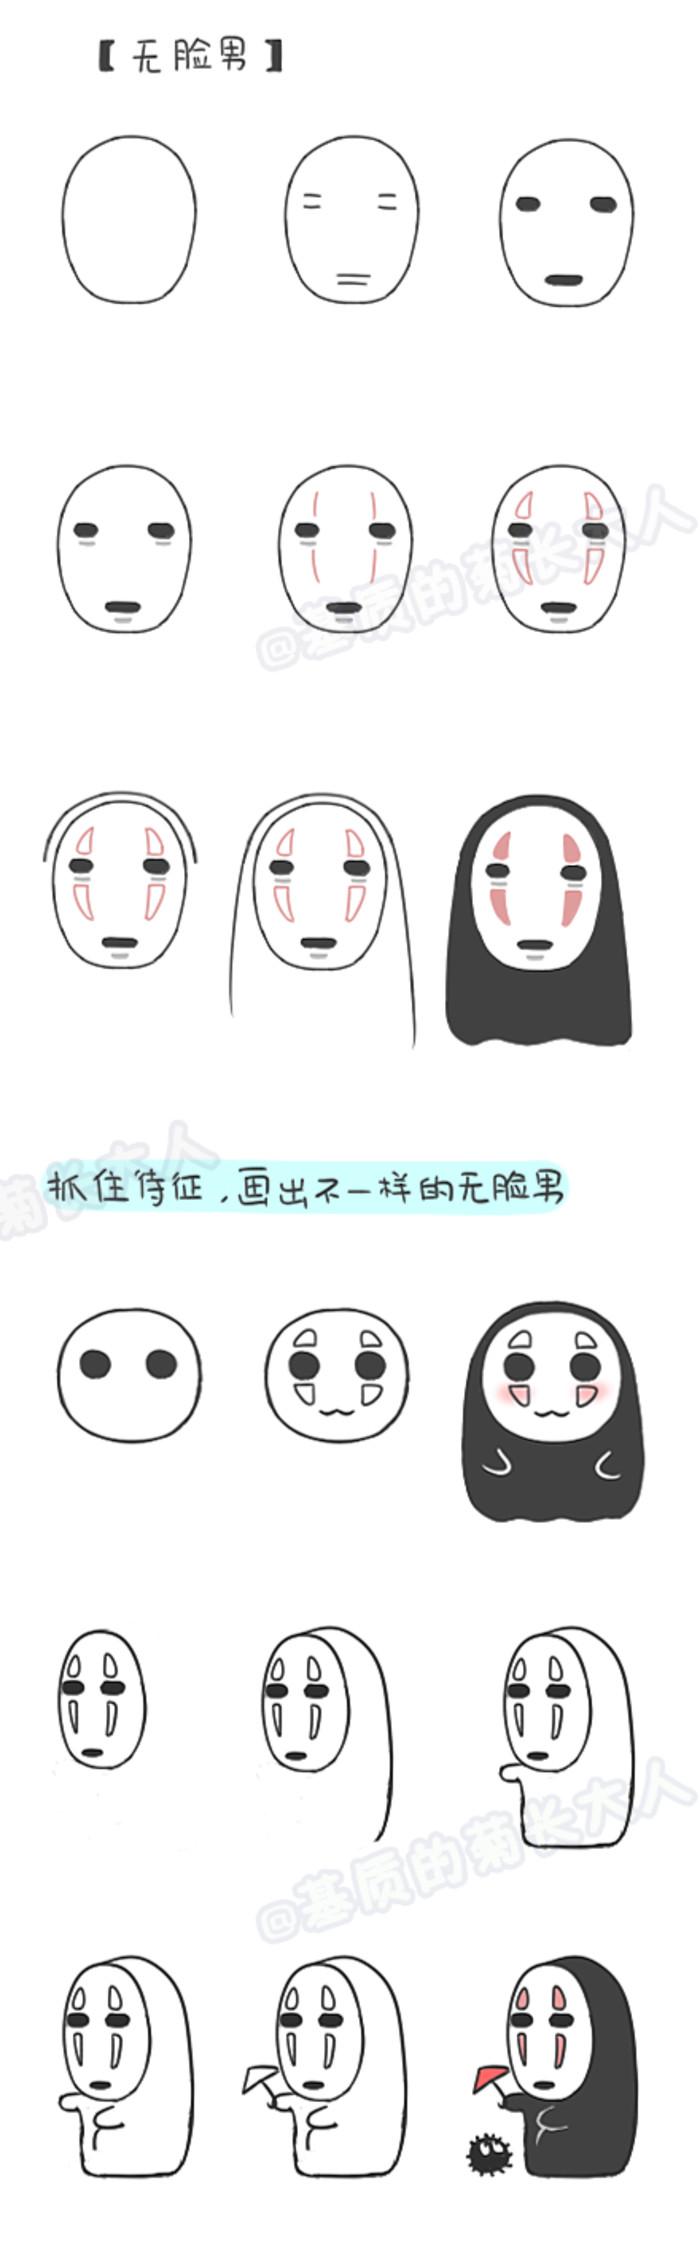 20141216202959 Rzcza Thumb 700 0 Png 700 2 267 Pixels Kawaii Drawings Cute Drawings Anime Drawings